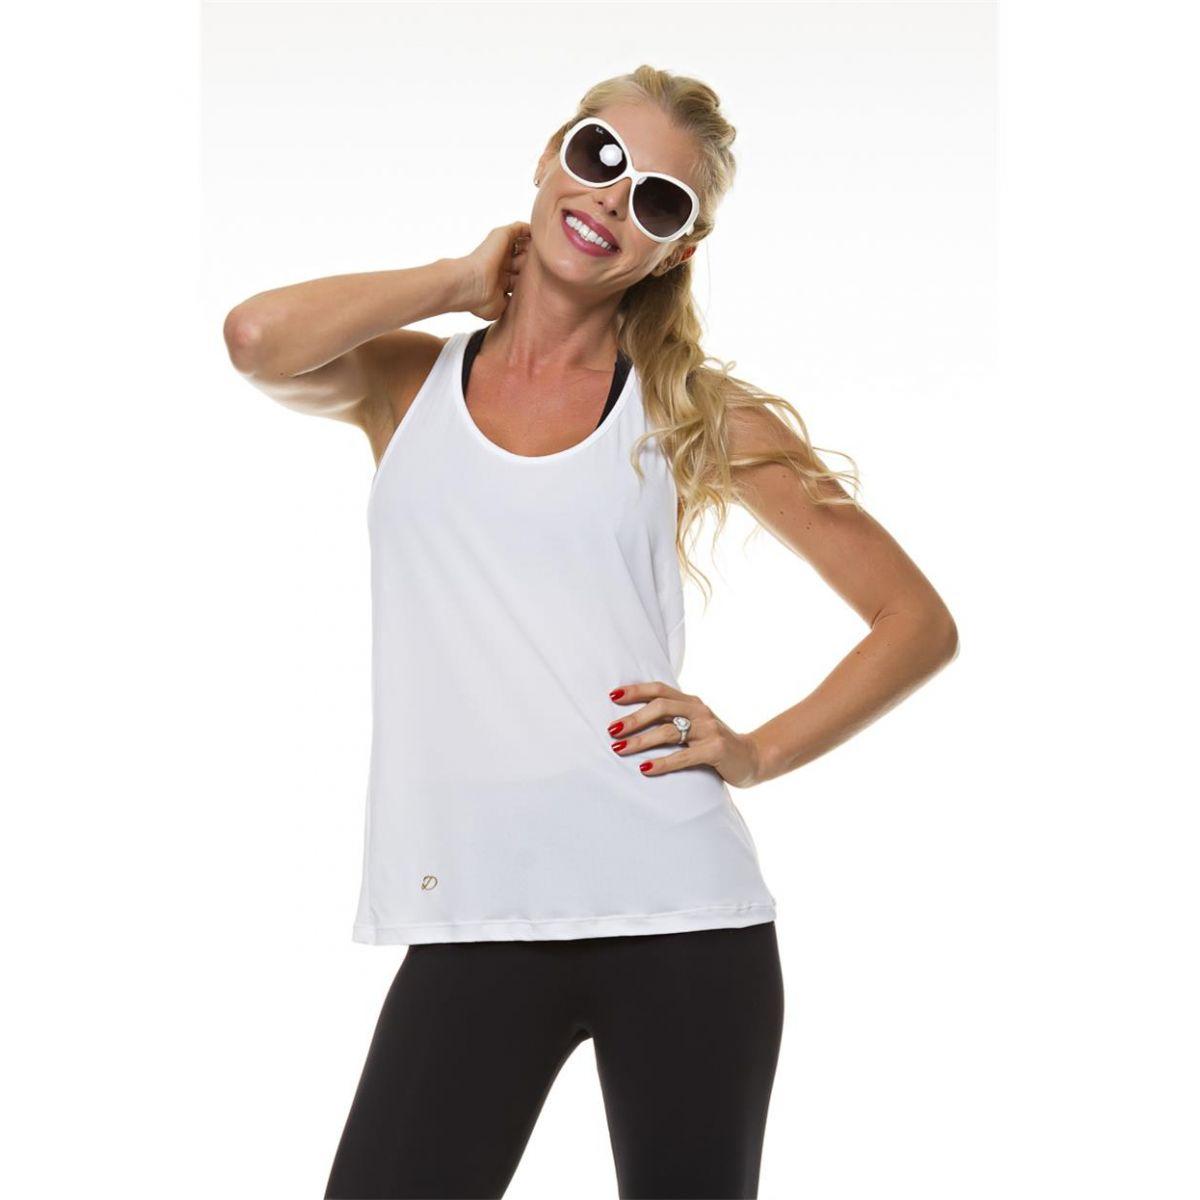 Regata Branca Nadador Diva Fitness